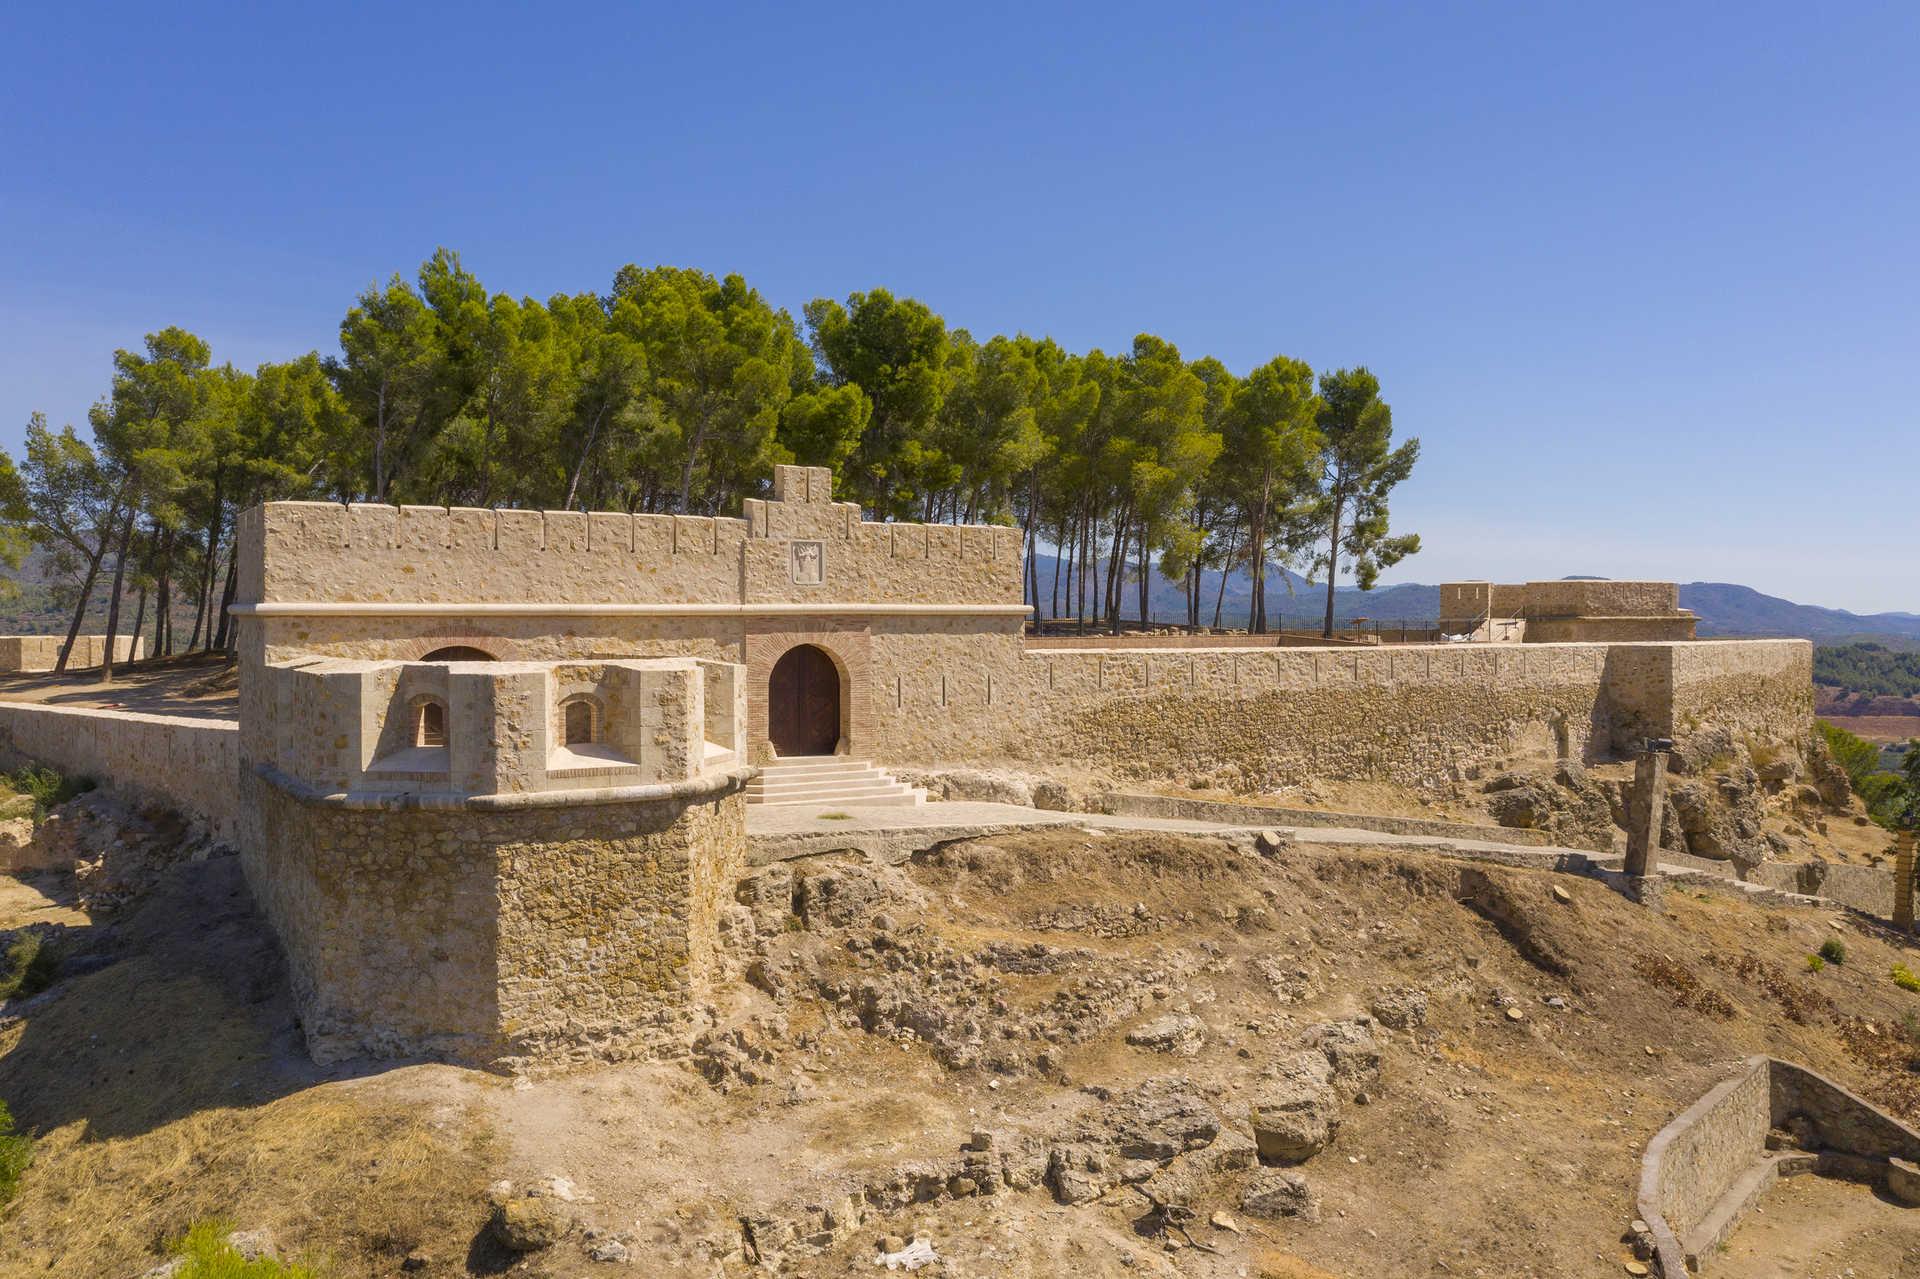 Castillo De La Estrella (Castle Of The Star)